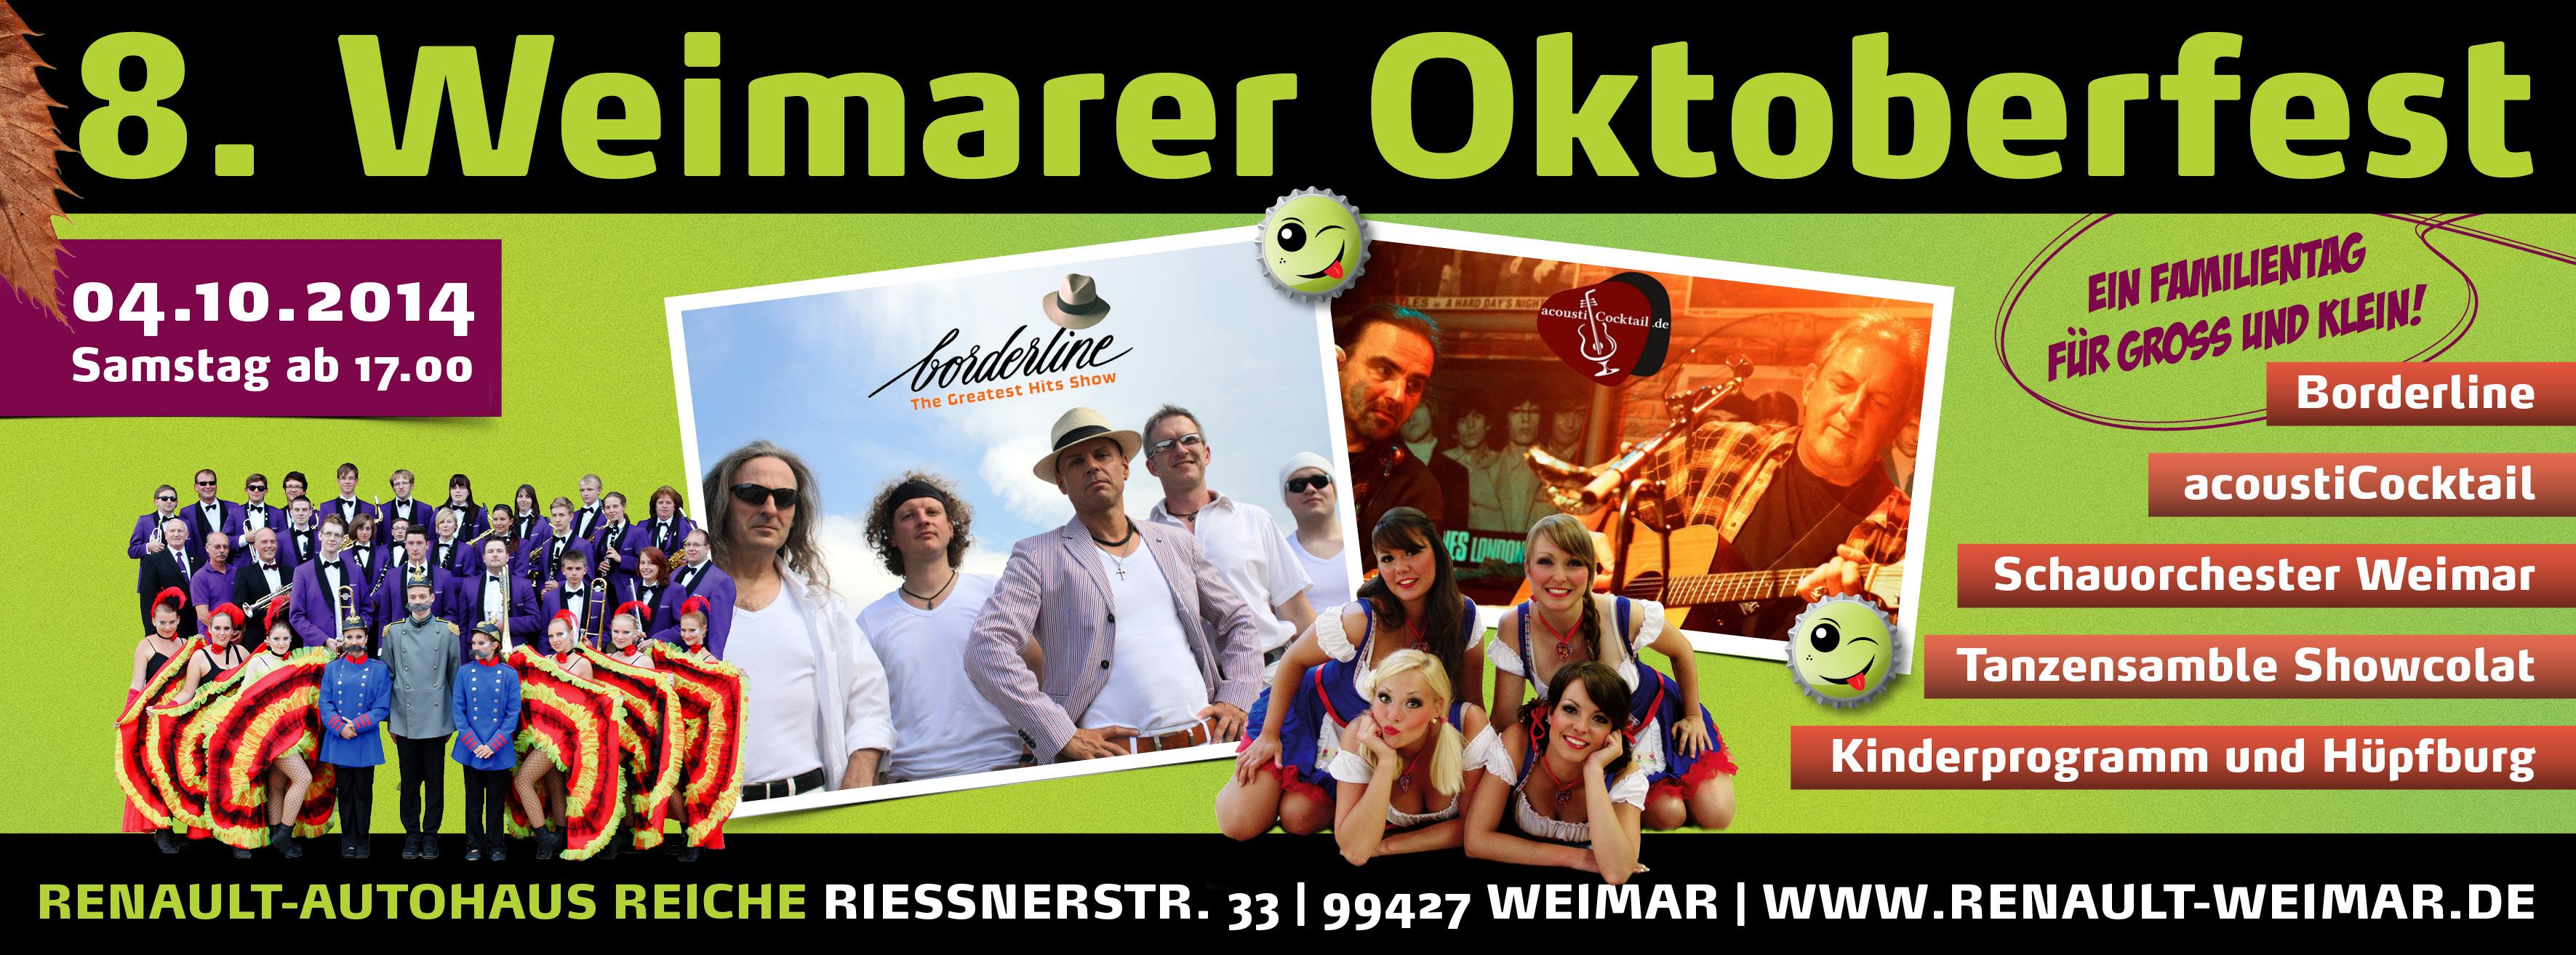 Oktoberfest_Weimar_Banner